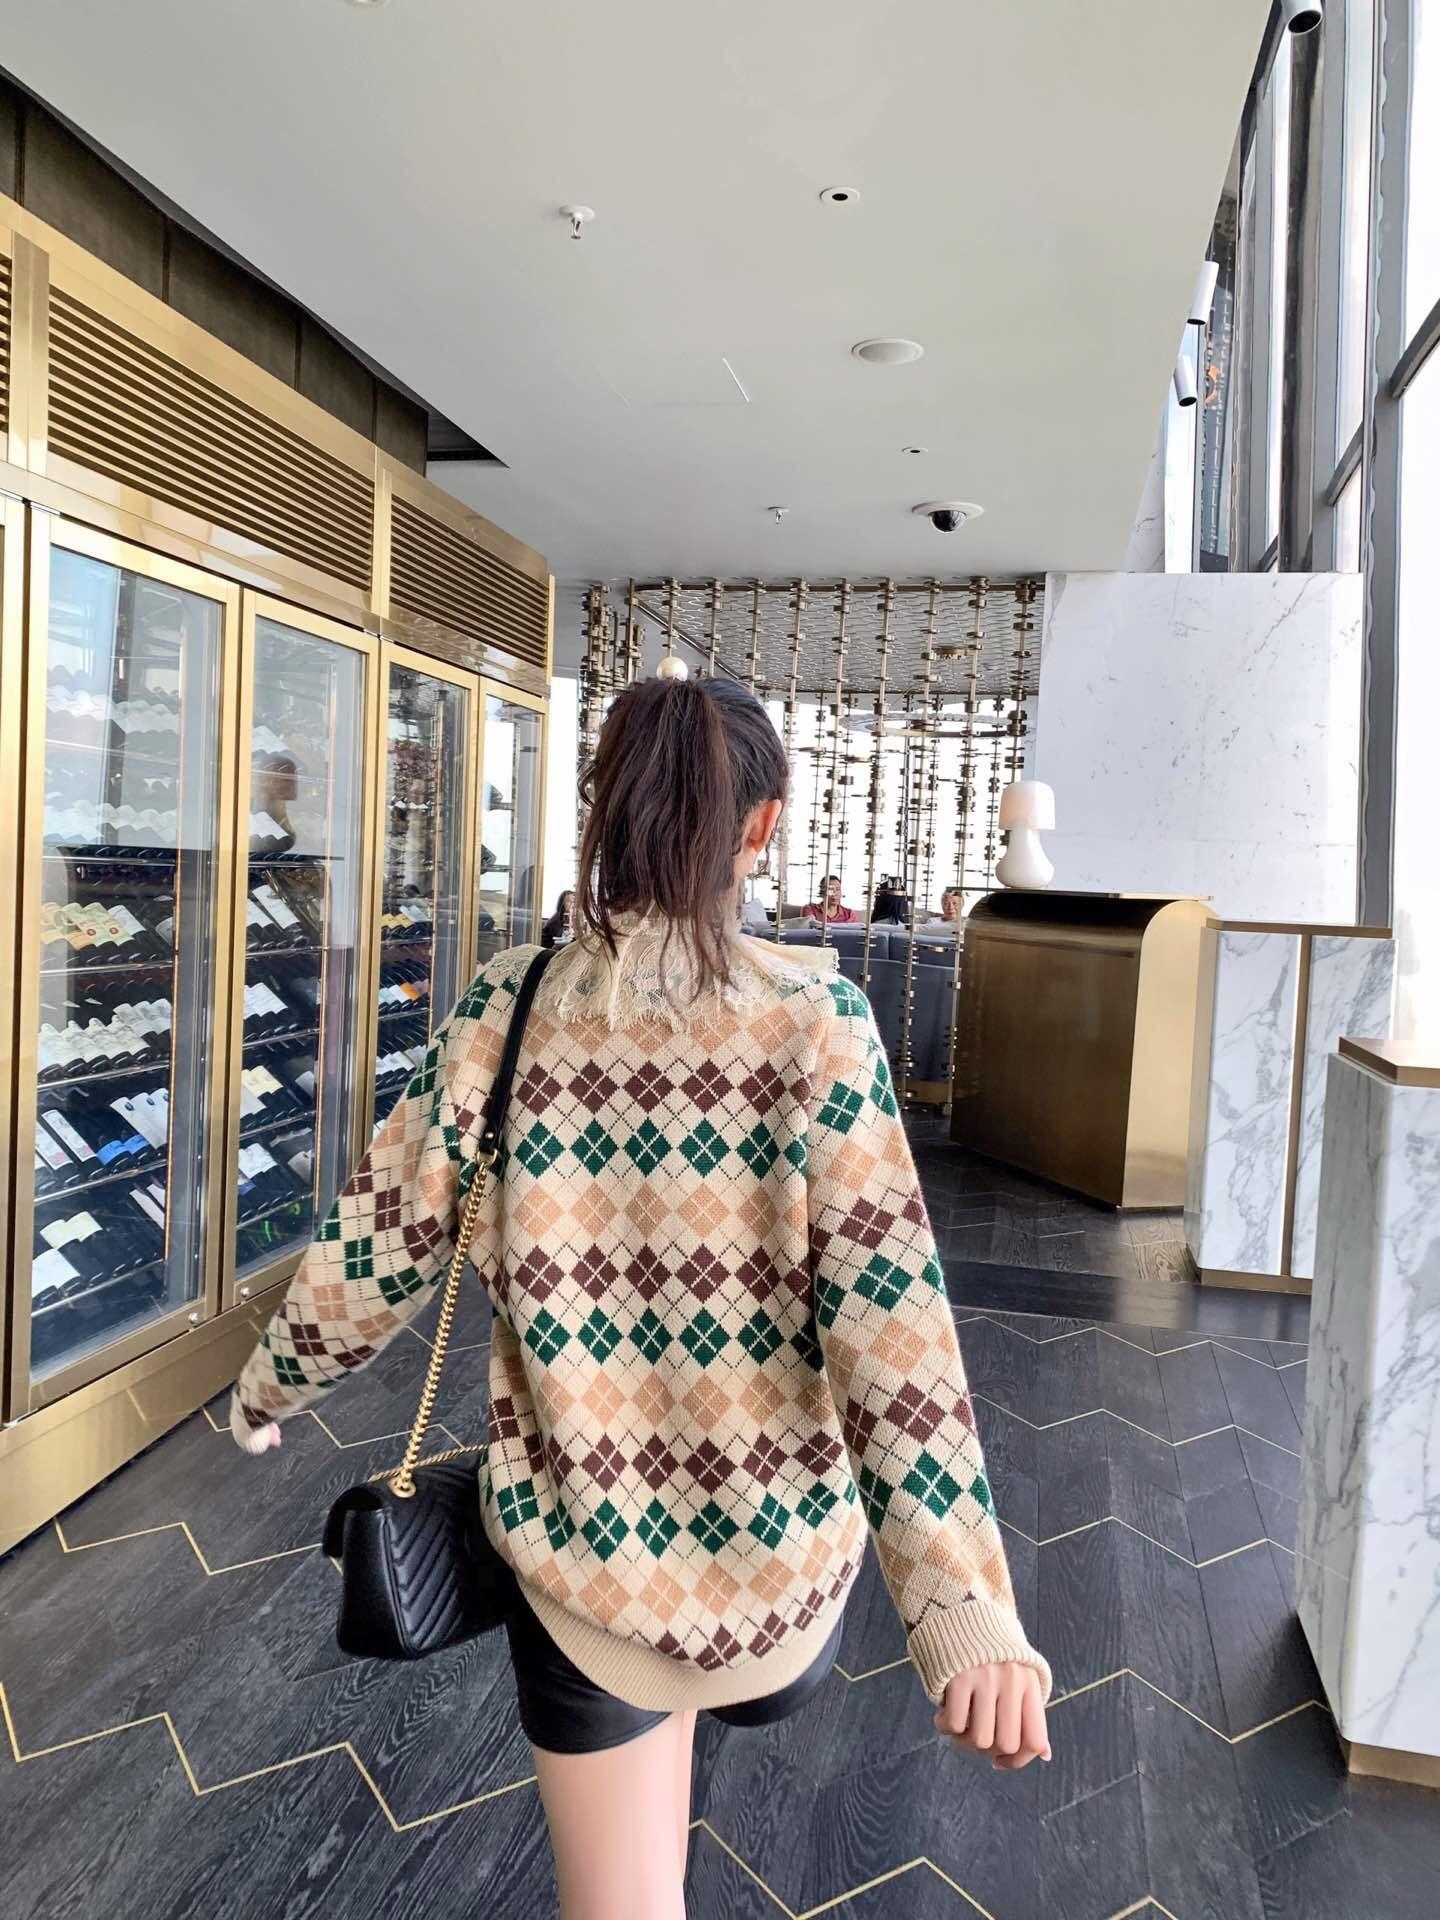 2019 neue Casual Herbst und Winter V ausschnitt Klassische Rot & Grün Weihnachten Pullover Frauen Pullover - 6